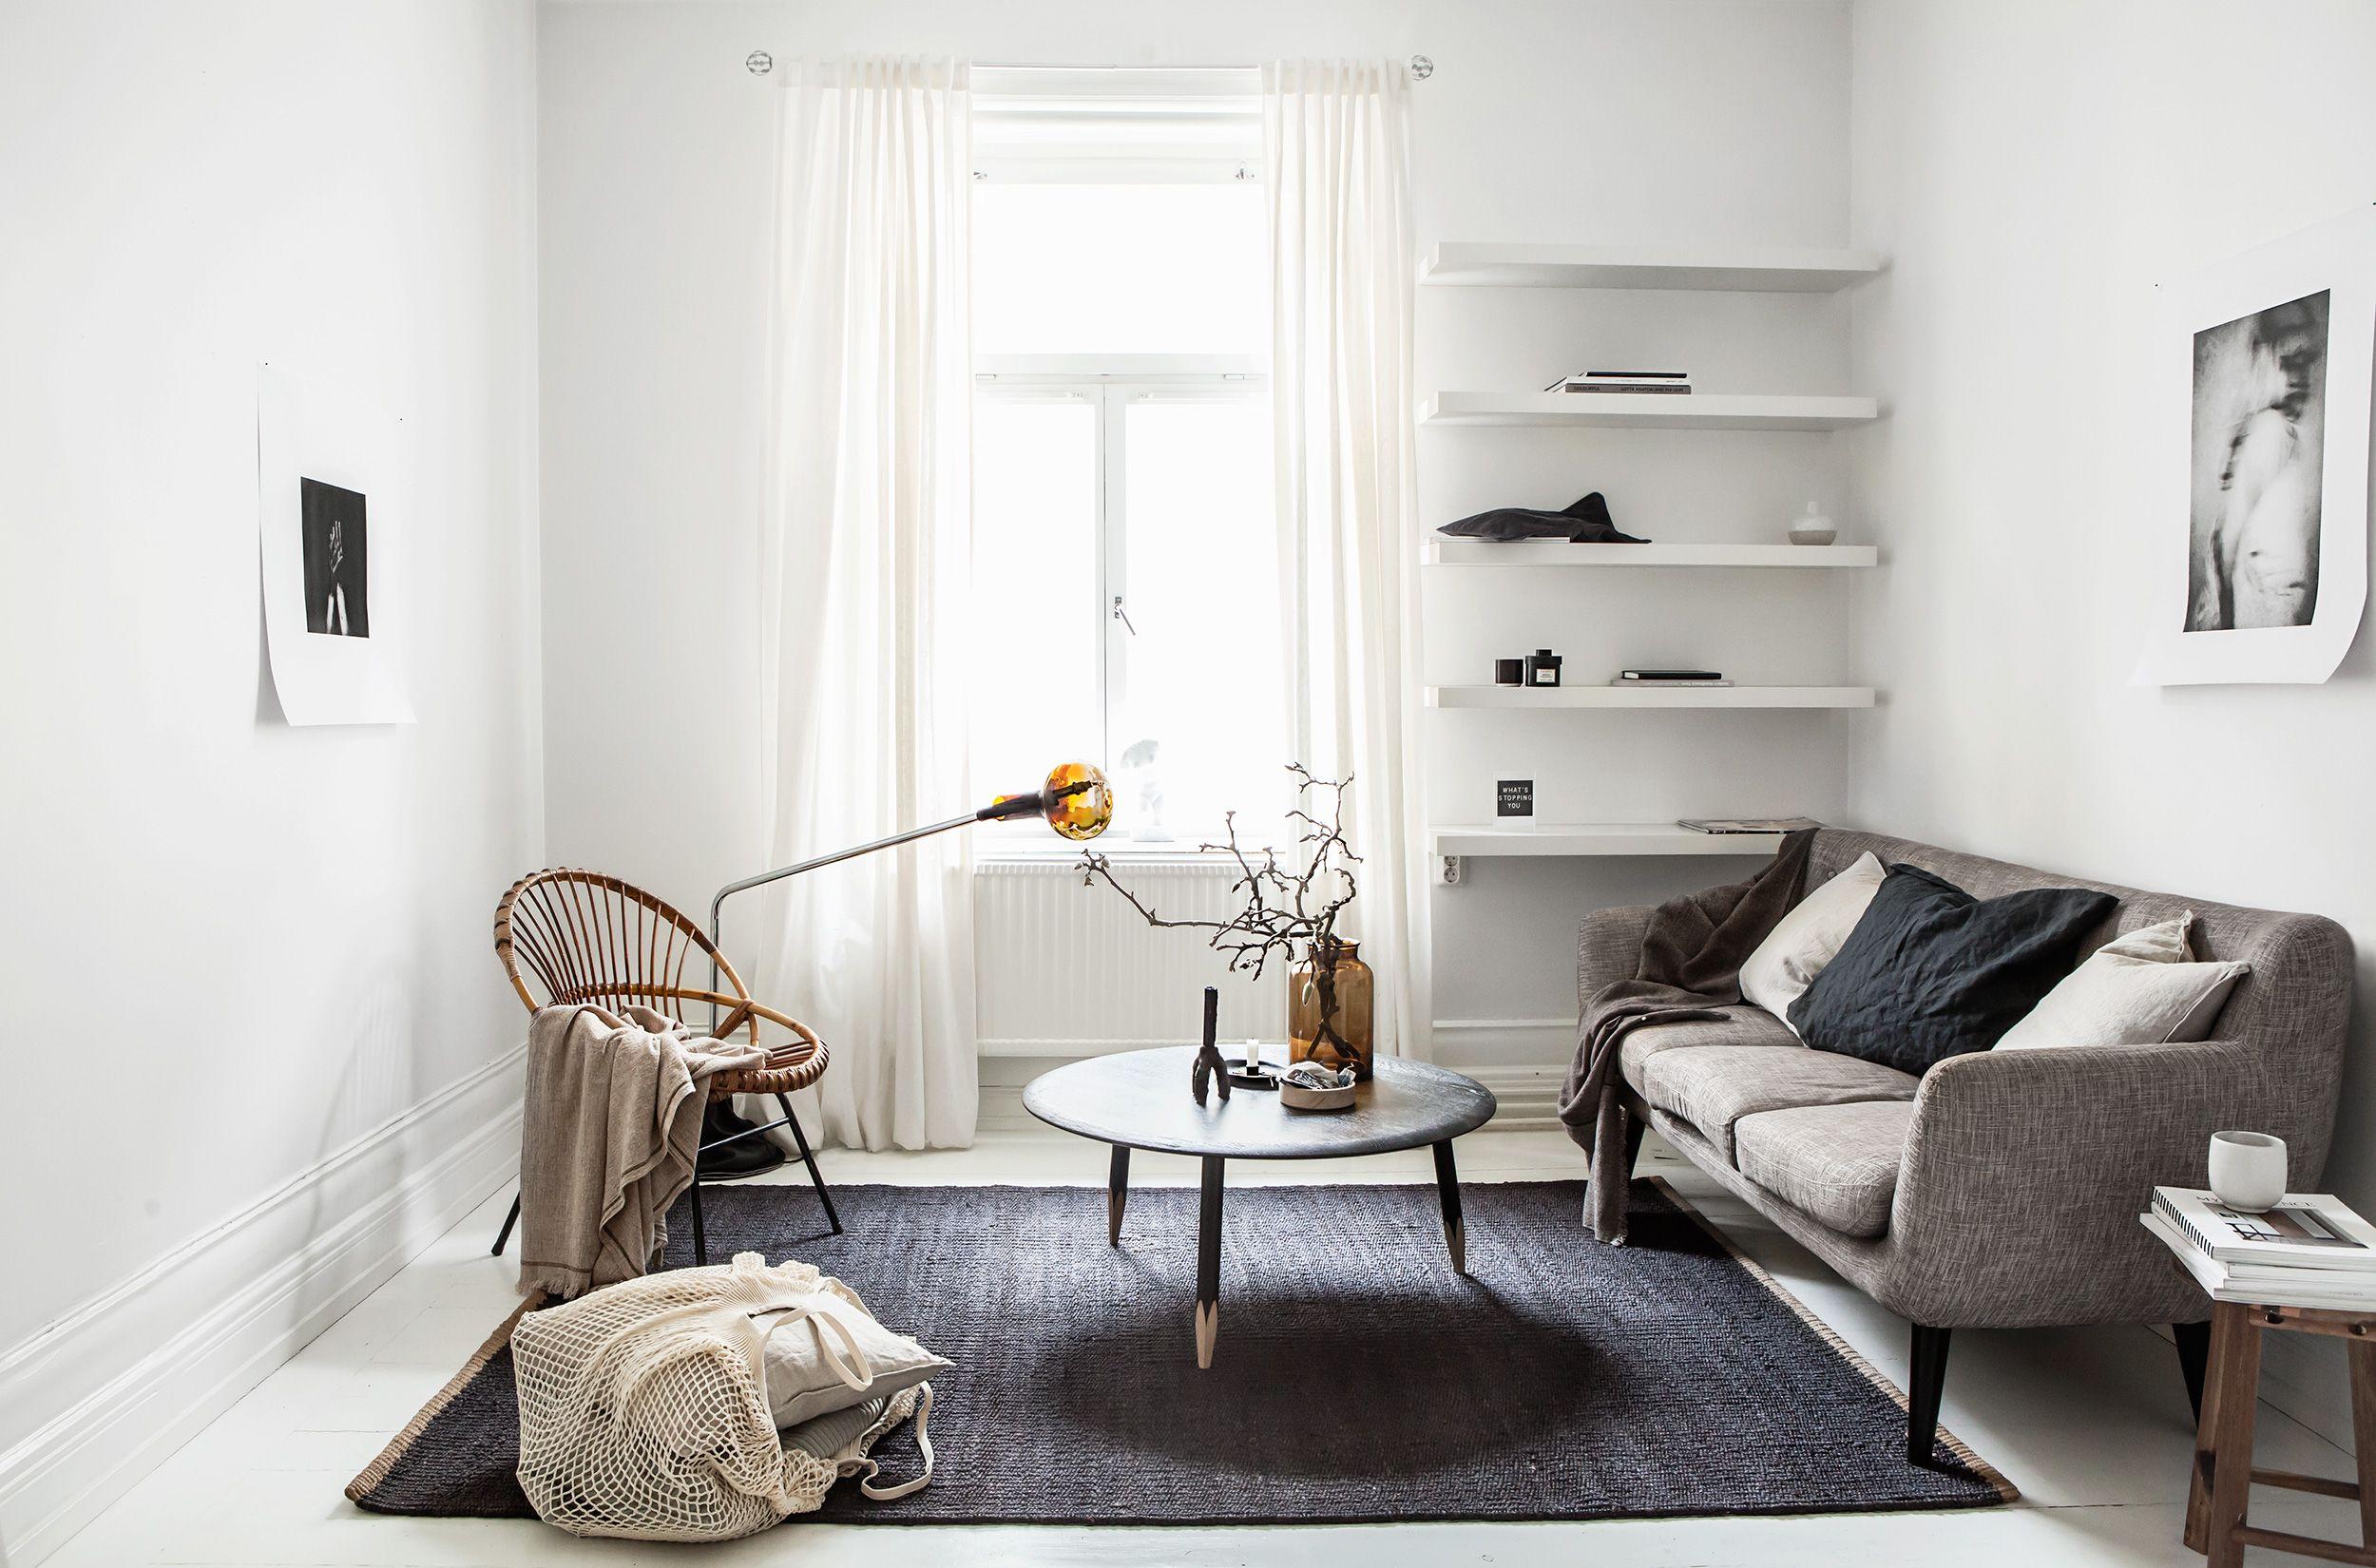 23 Stylish Minimalist Living Room Ideas - Modern Living ... on Minimalist Living Room Design  id=36594